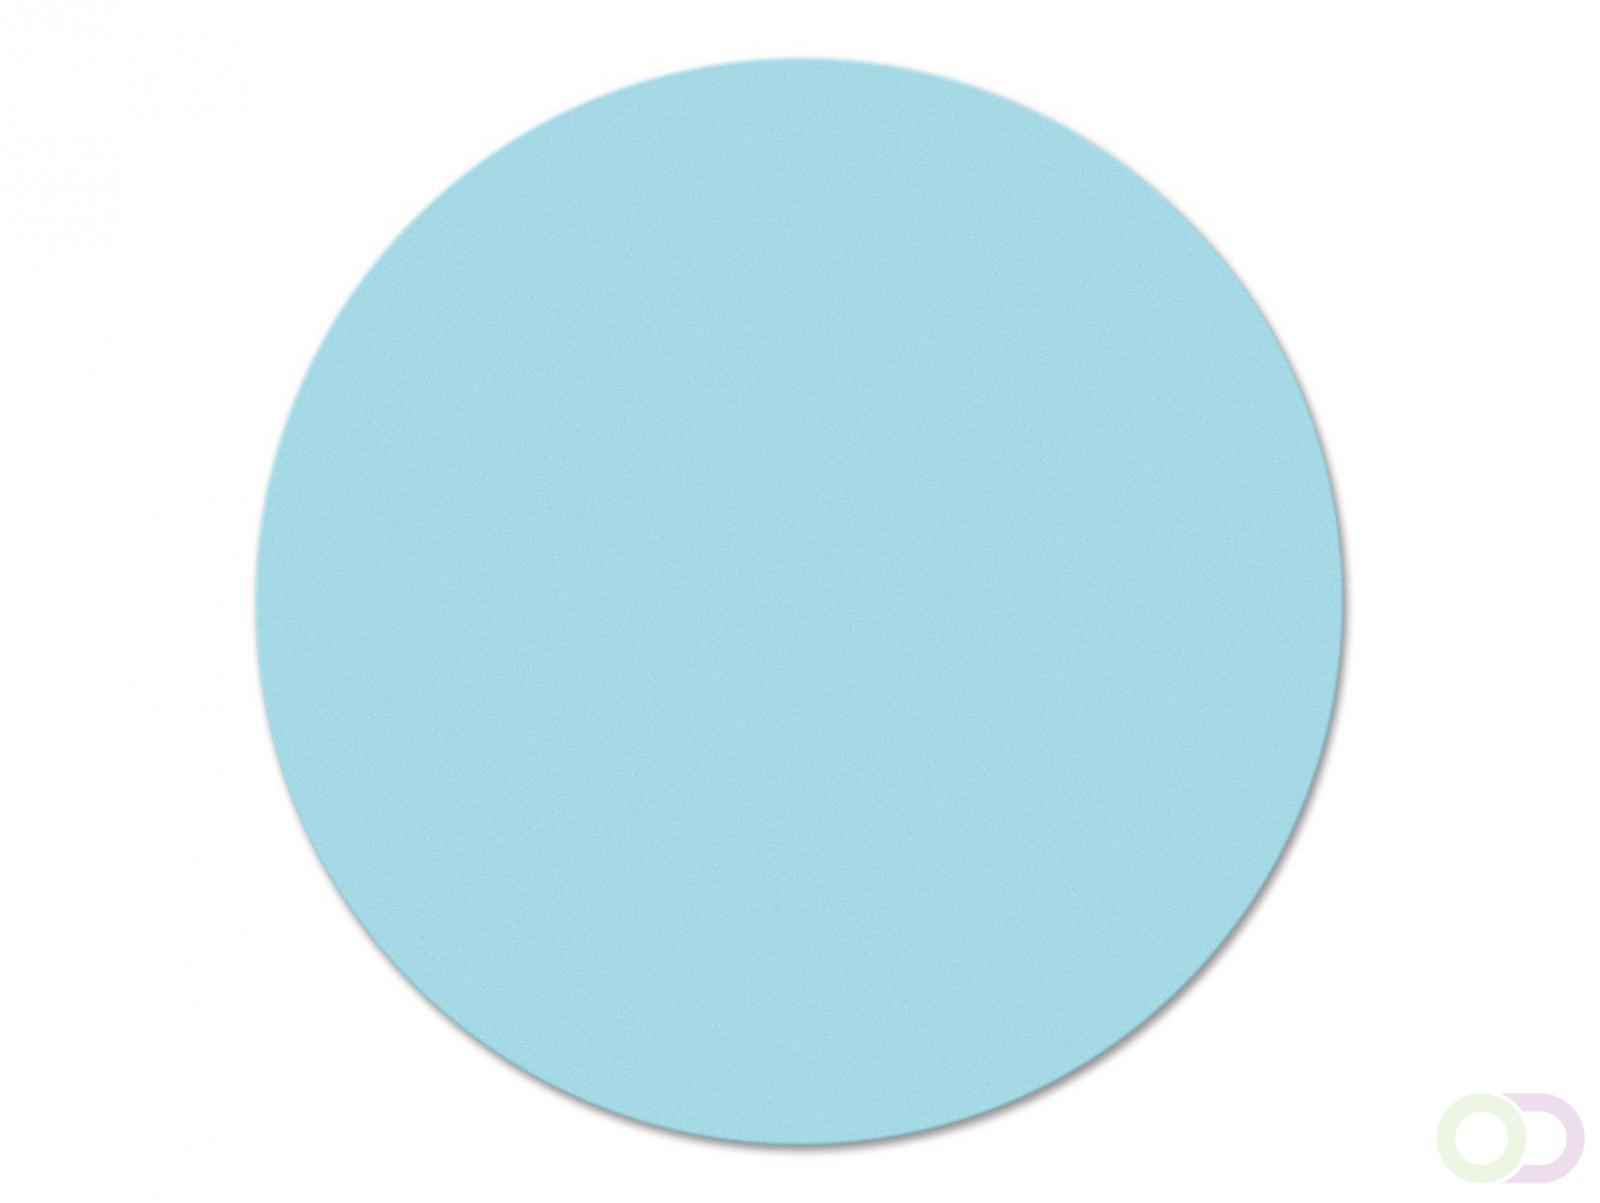 Ronde kaarten 19 cm, 500 stuks lichtblauw